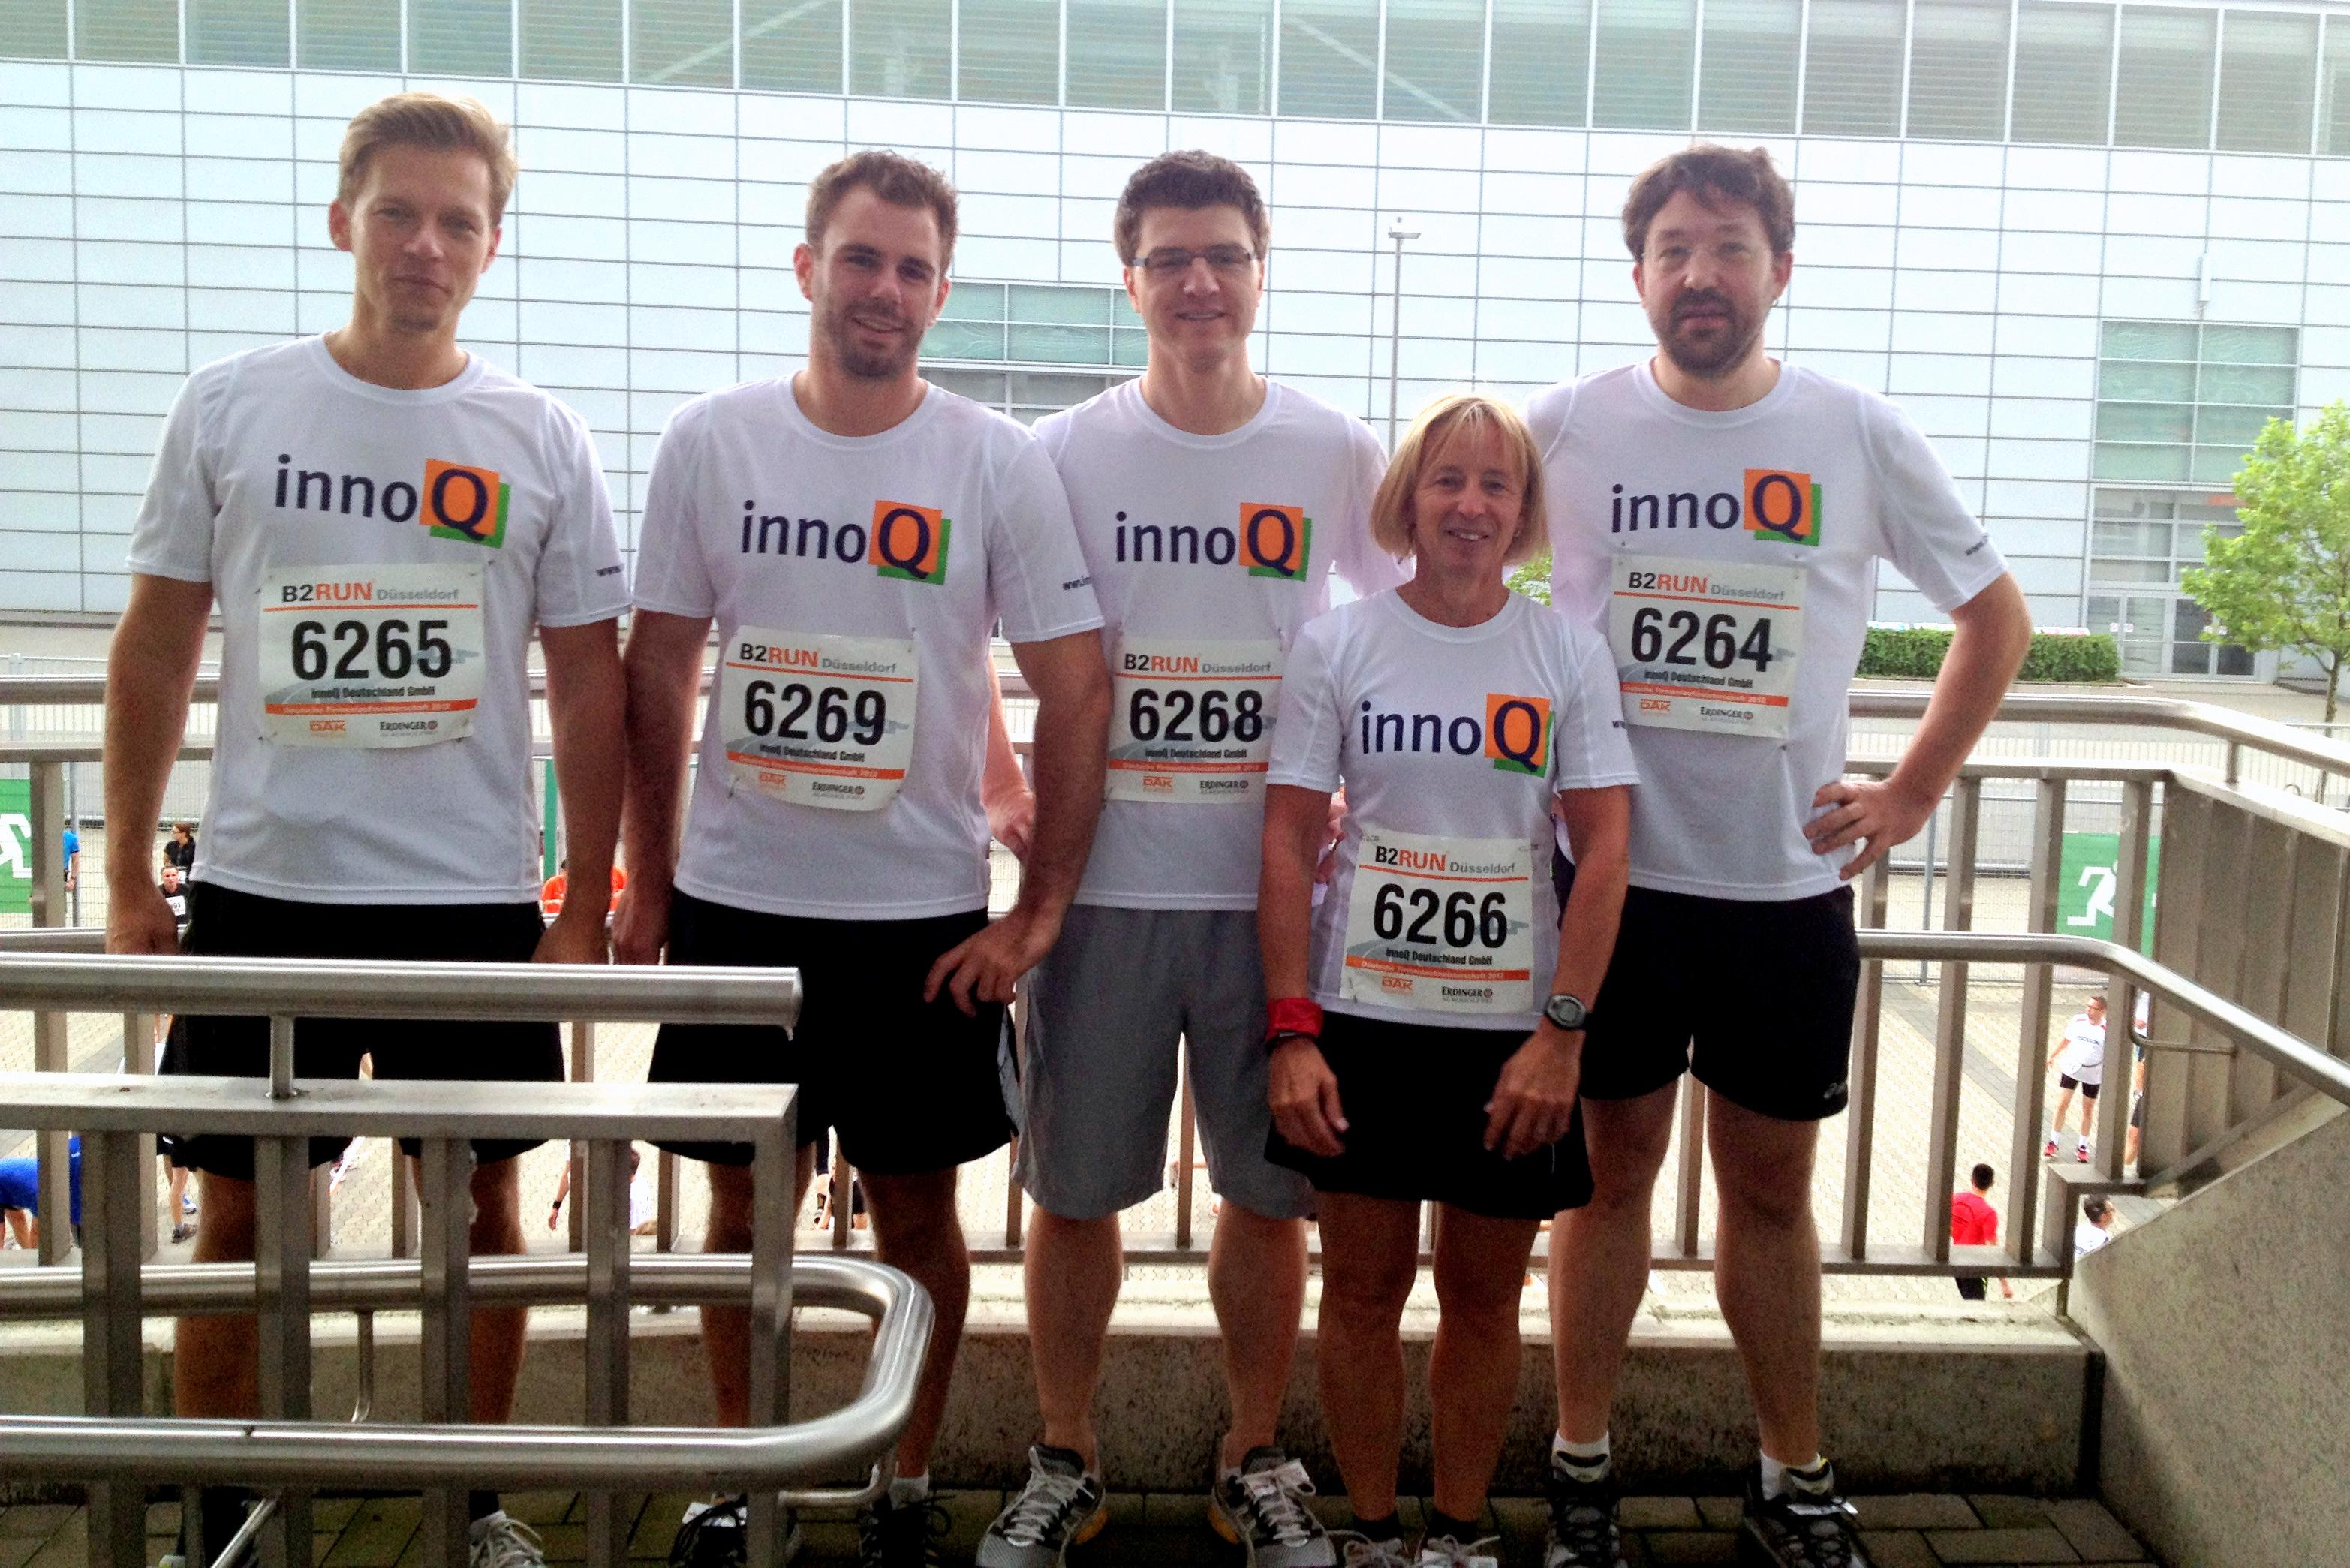 innoQ-Laufteam 2012